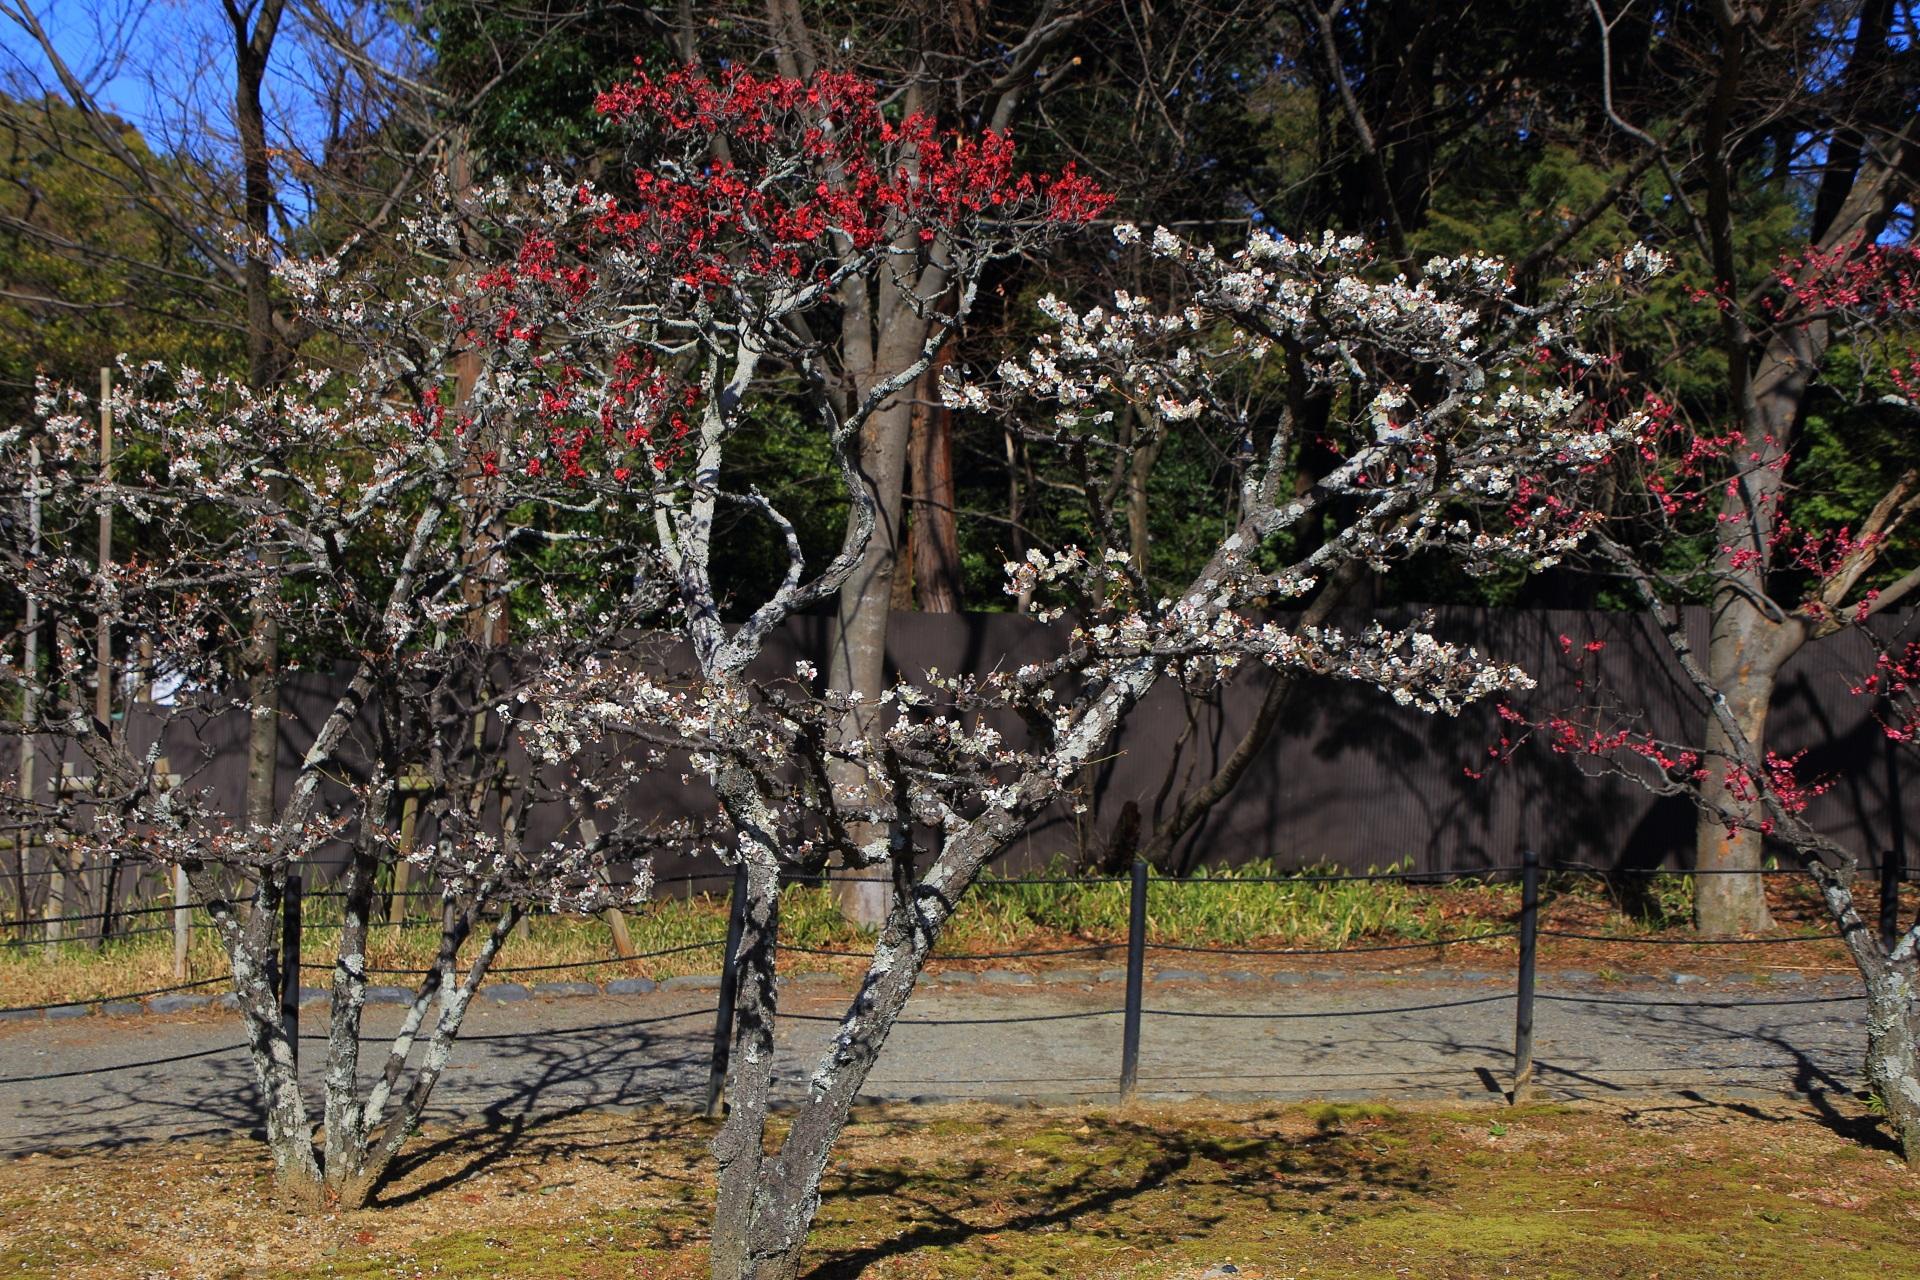 一本の木に紅白の花が咲く「咲き分け」の梅